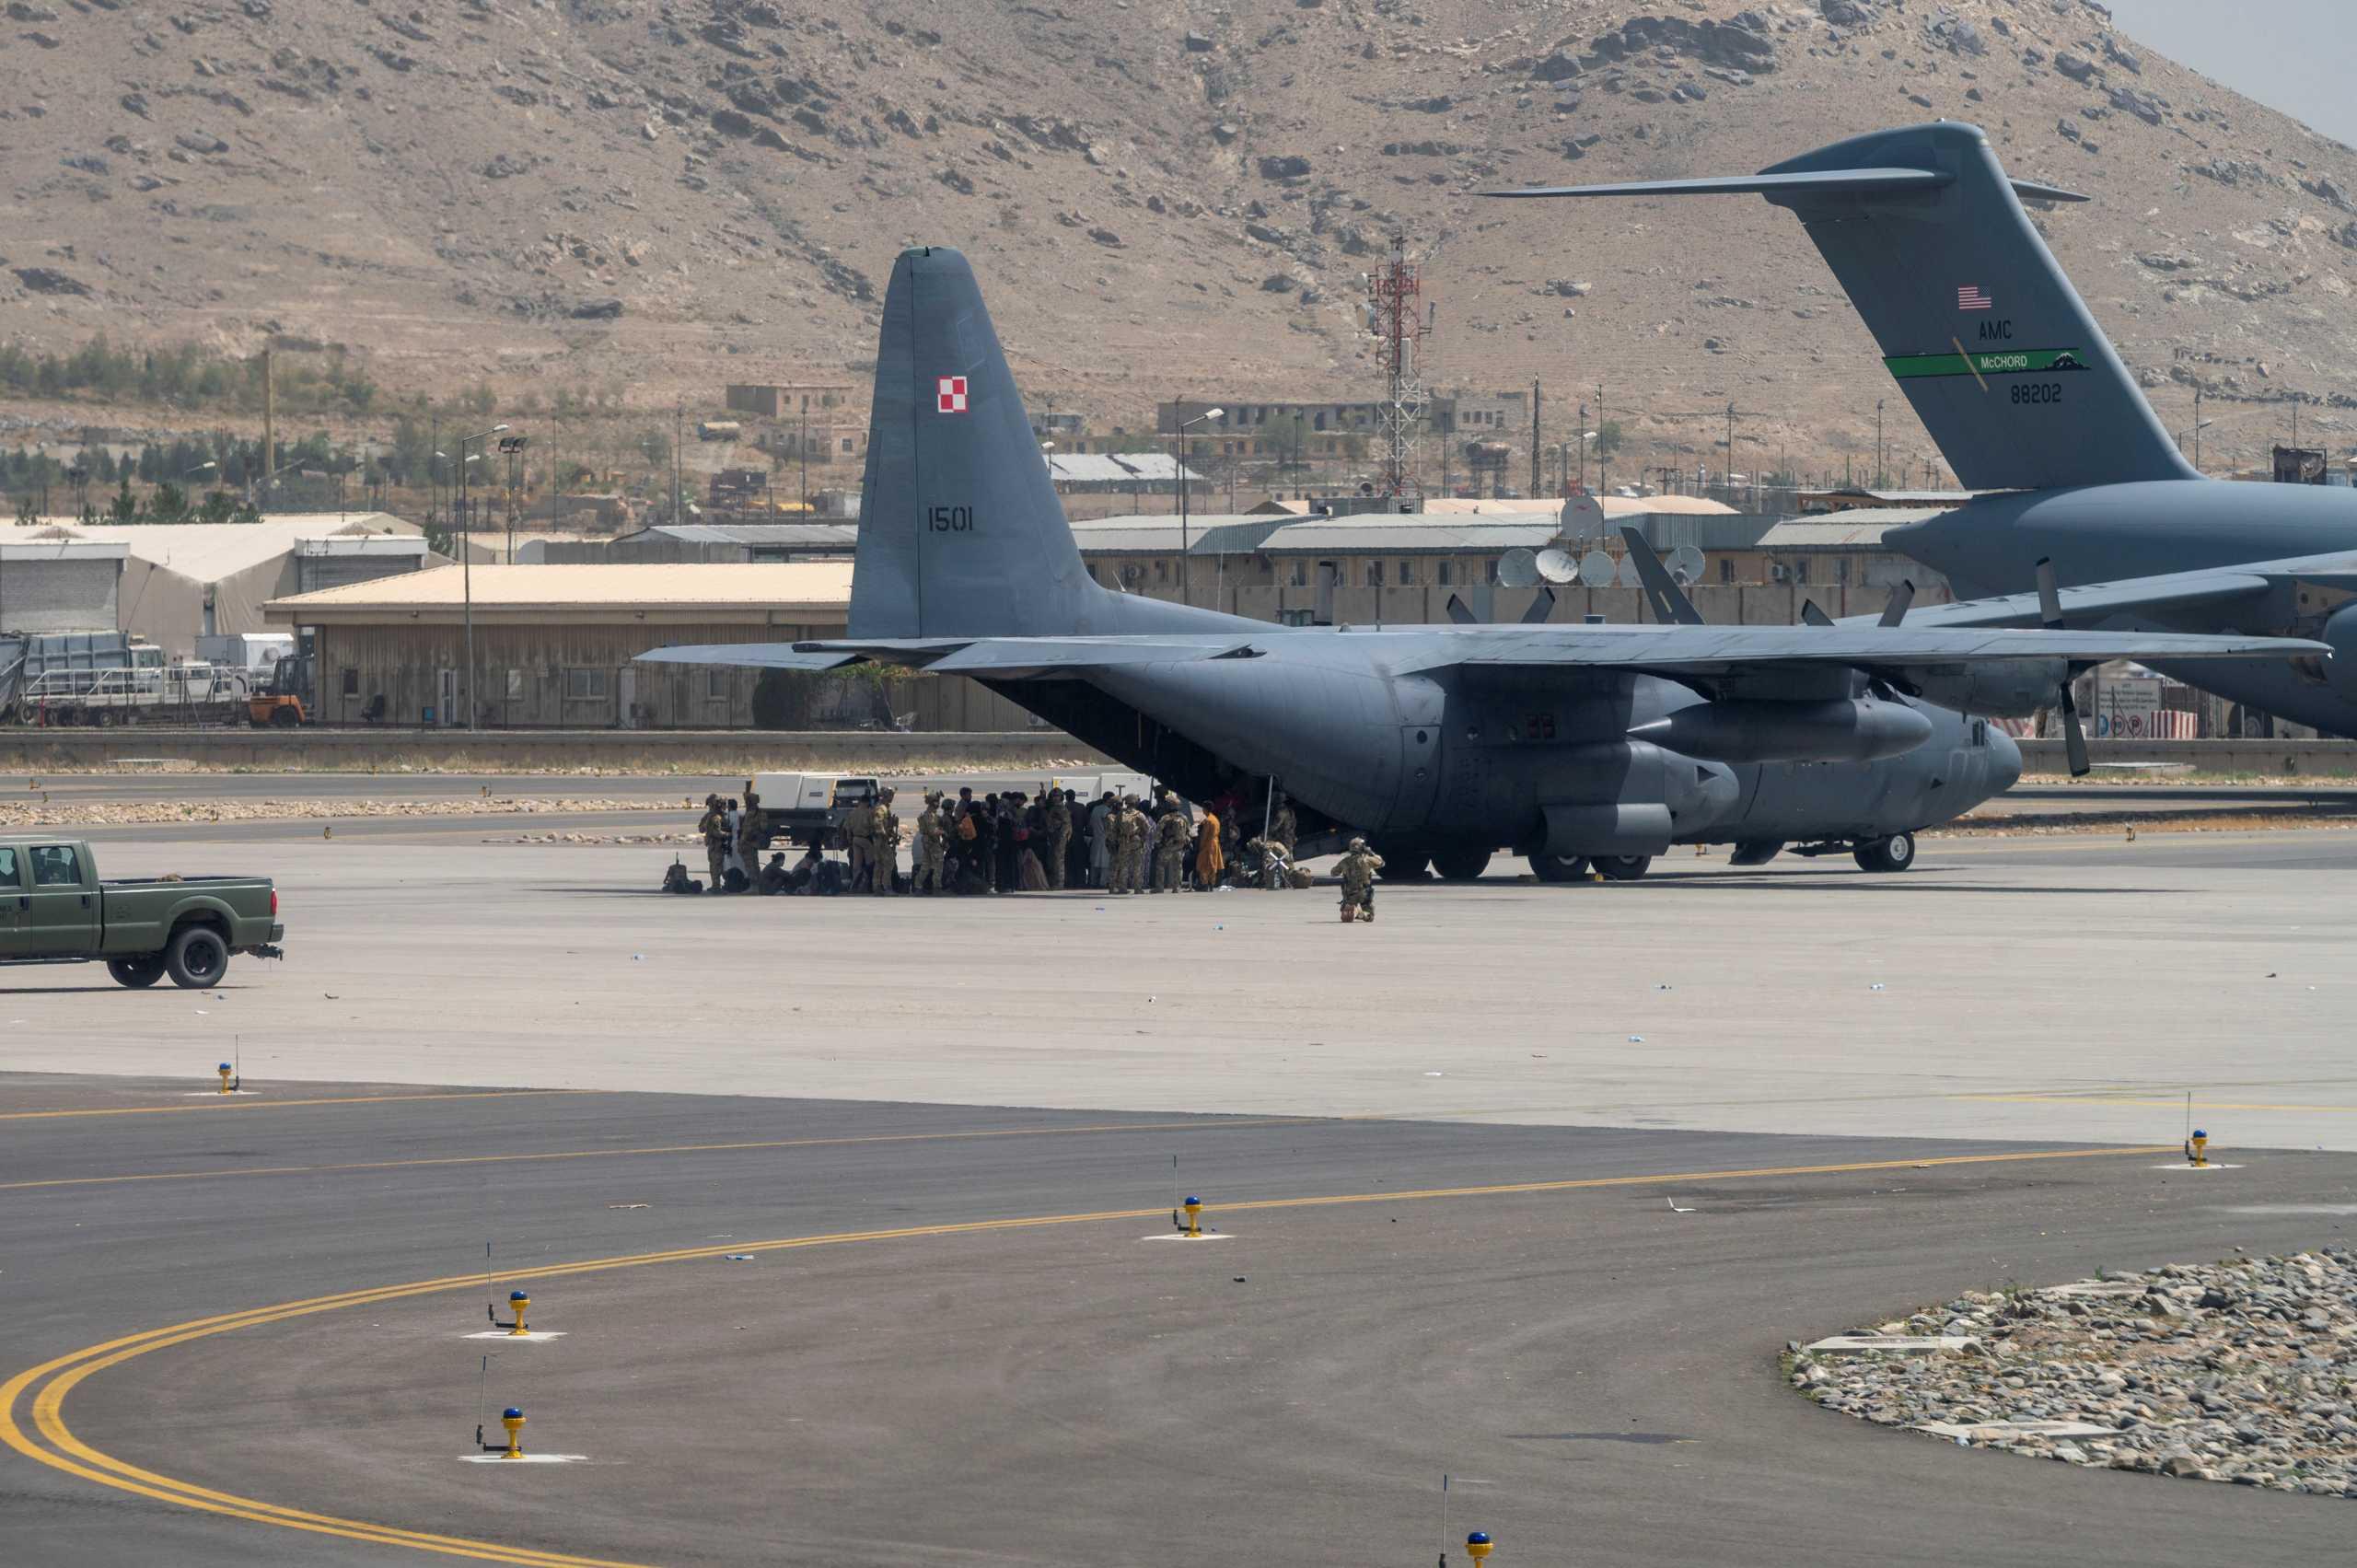 ΗΠΑ: Ο Μπάιντεν επιστρατεύει εμπορικά αεροσκάφη για να απομακρύνει ανθρώπους από το Αφγανιστάν